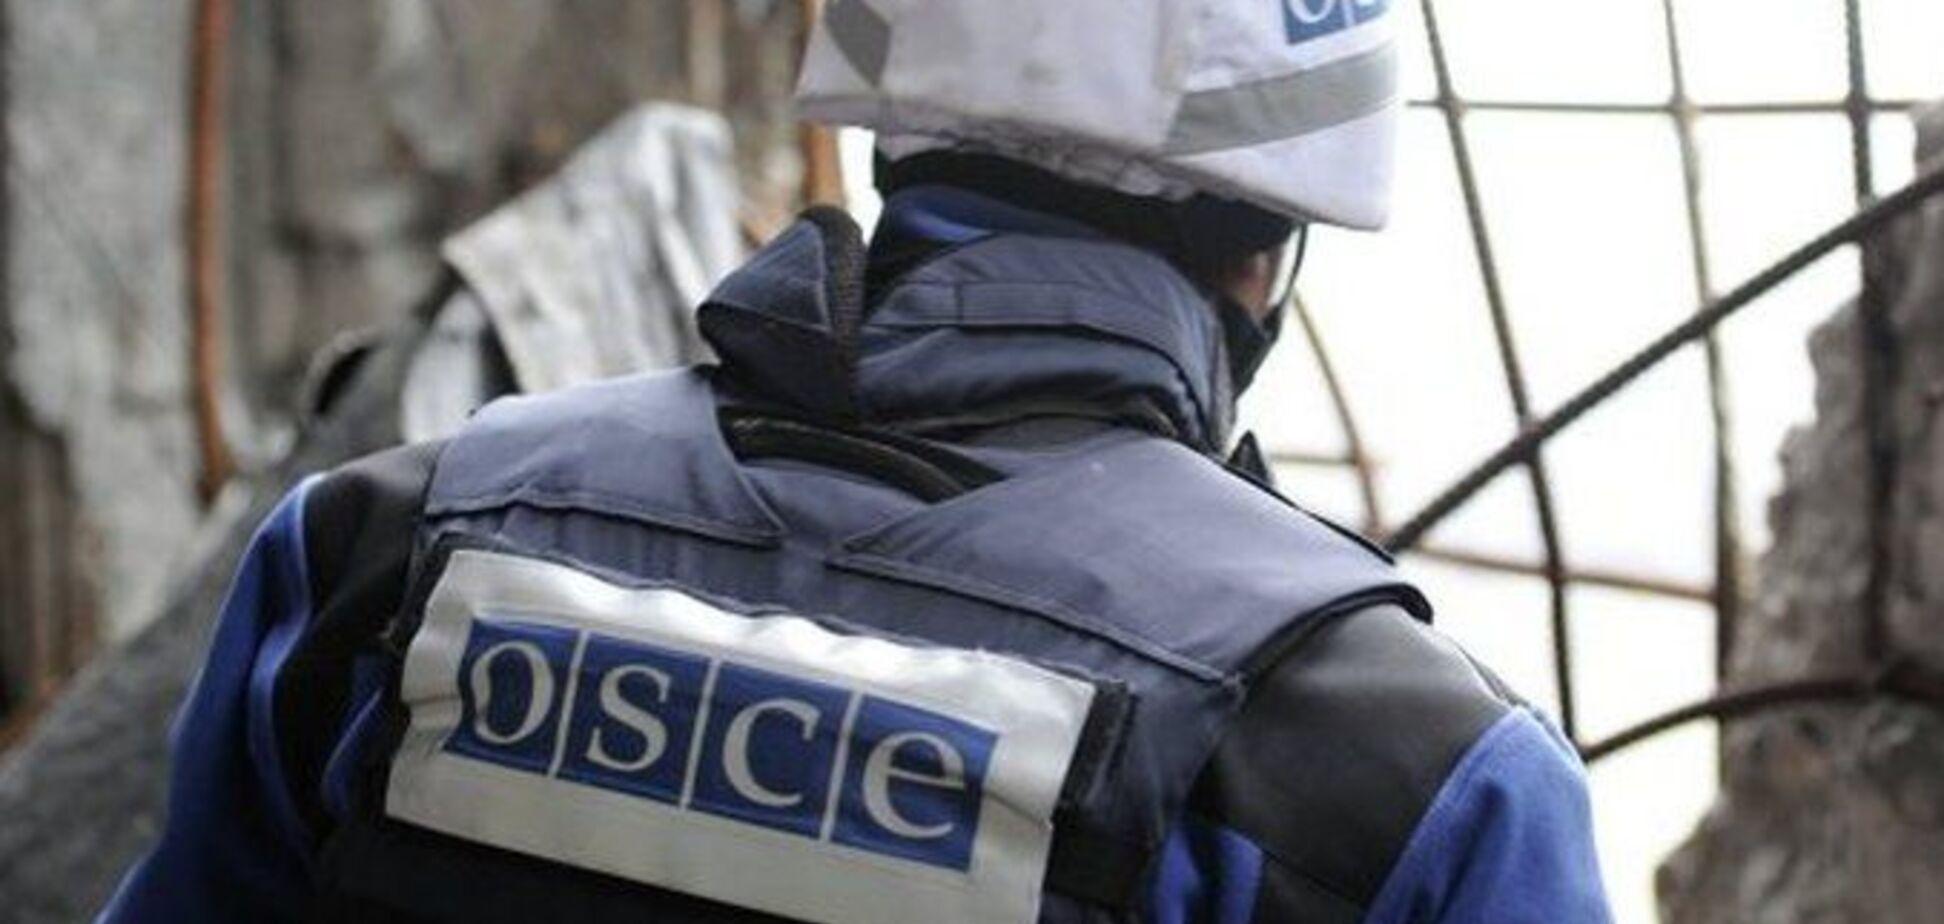 Подрыв военных ВСУ на Донбассе: появились скандальные данные про ОБСЕ